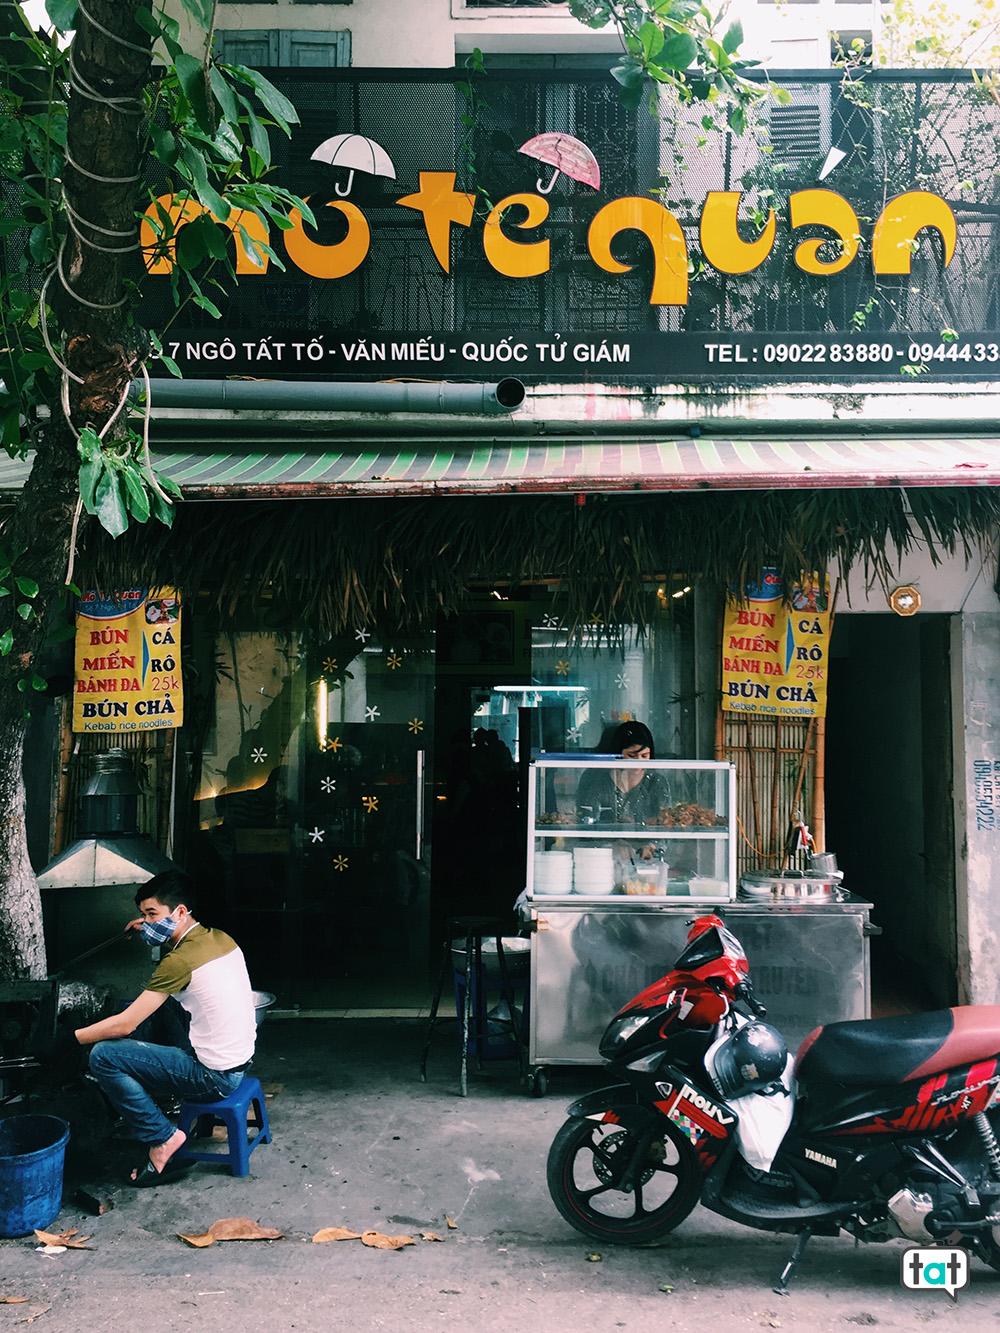 Mo te Quan Hanoi